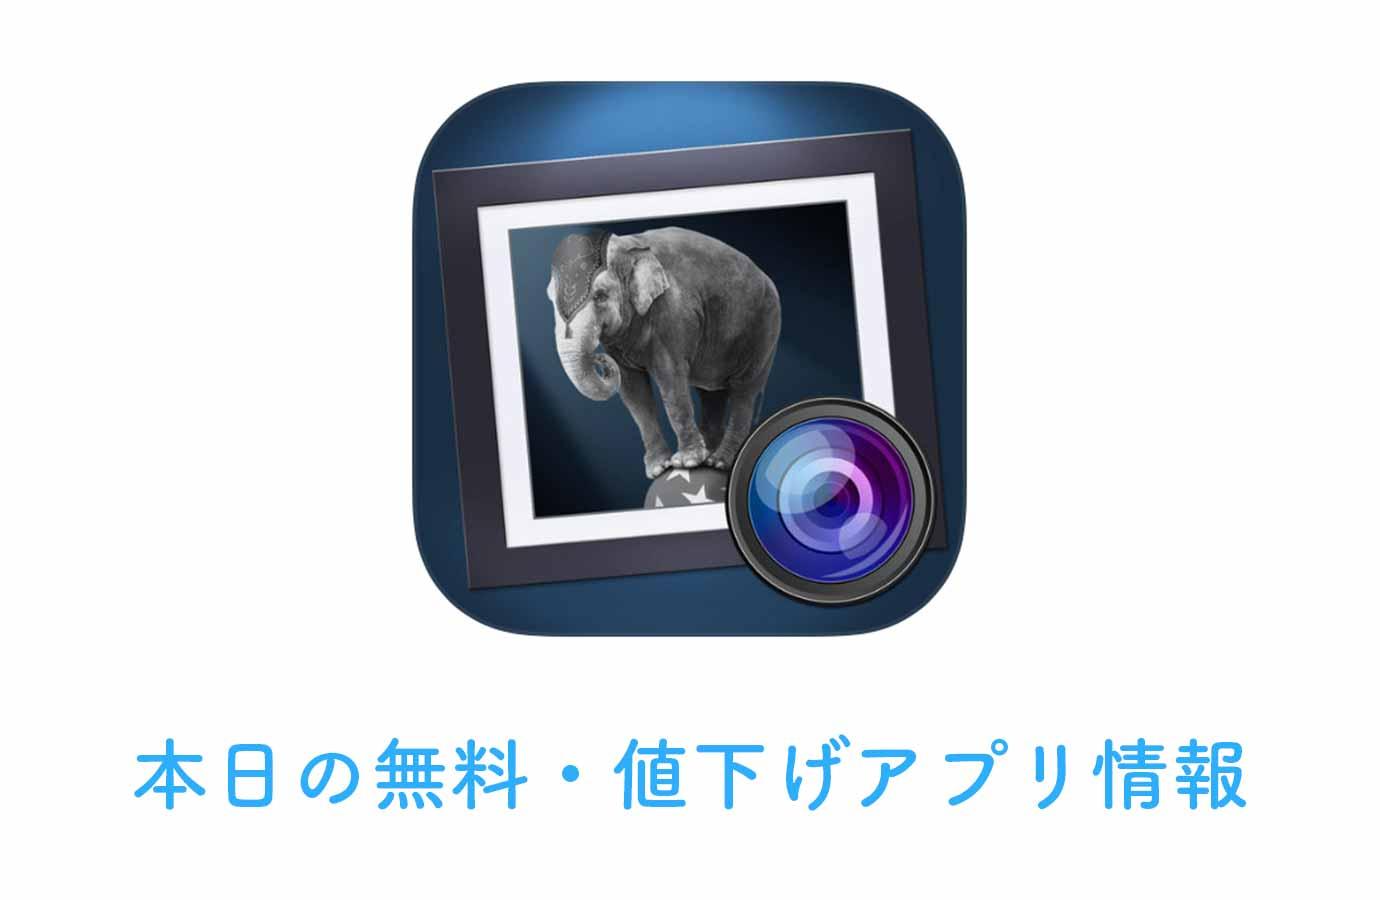 360円→無料、美しいモノクロ写真がつくれる編集アプリ「Dramatic Black & White」など【5/19】本日の無料・値下げアプリ情報